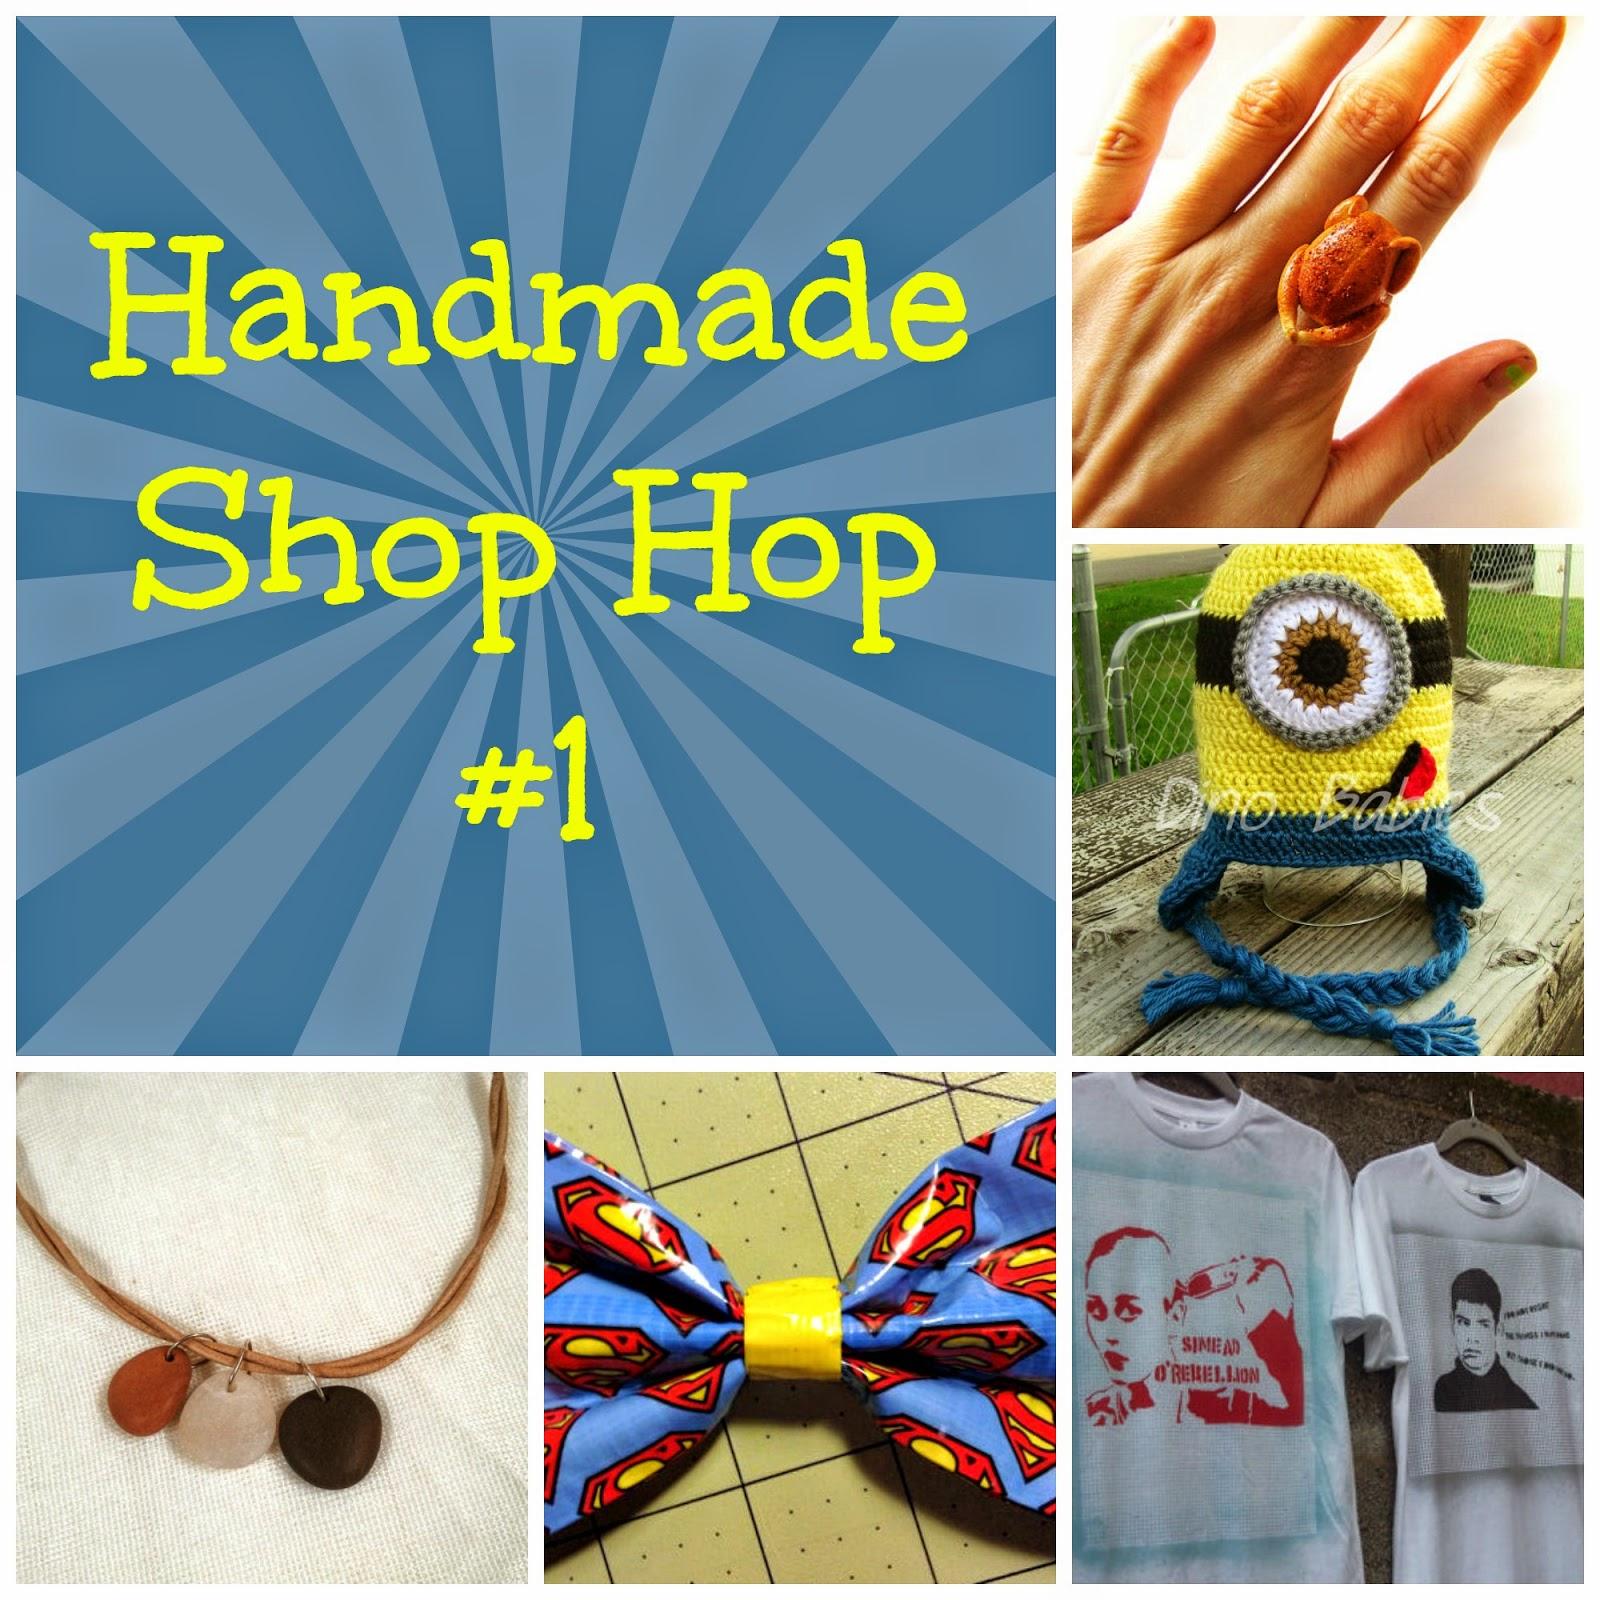 http://www.artcraftsandcoffee.com/2014/11/handmade-shop-hop-1.html